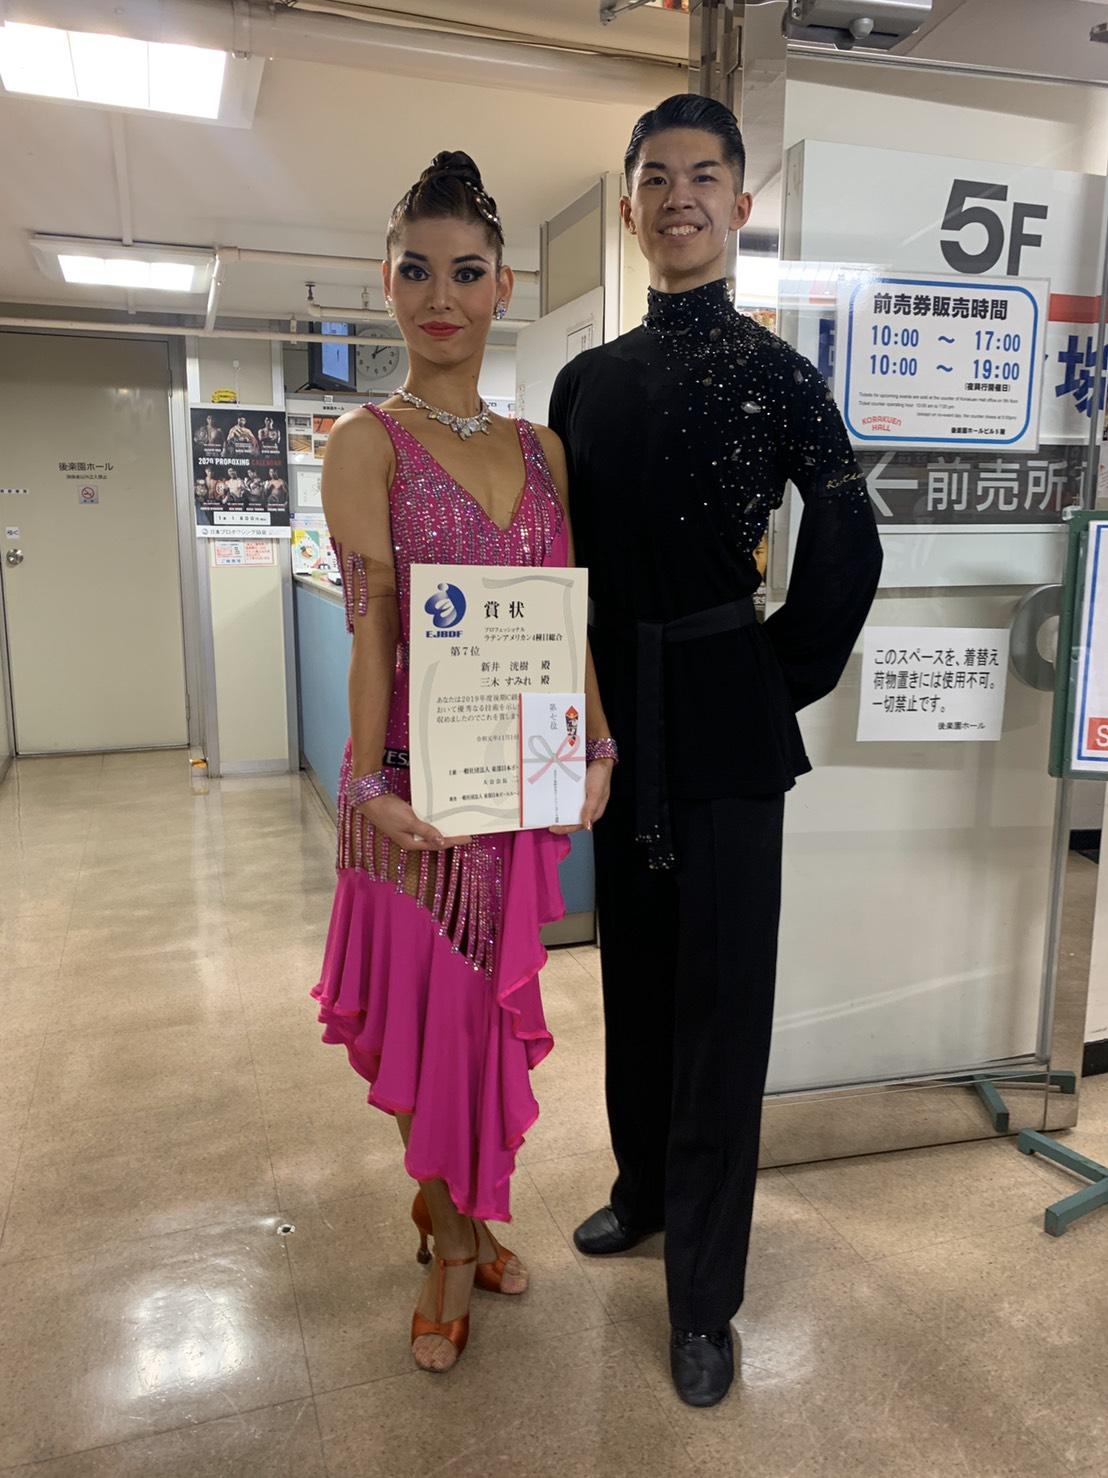 11月10日|後楽園ホール|JBDF|C級ラテン|新井洸樹|決勝